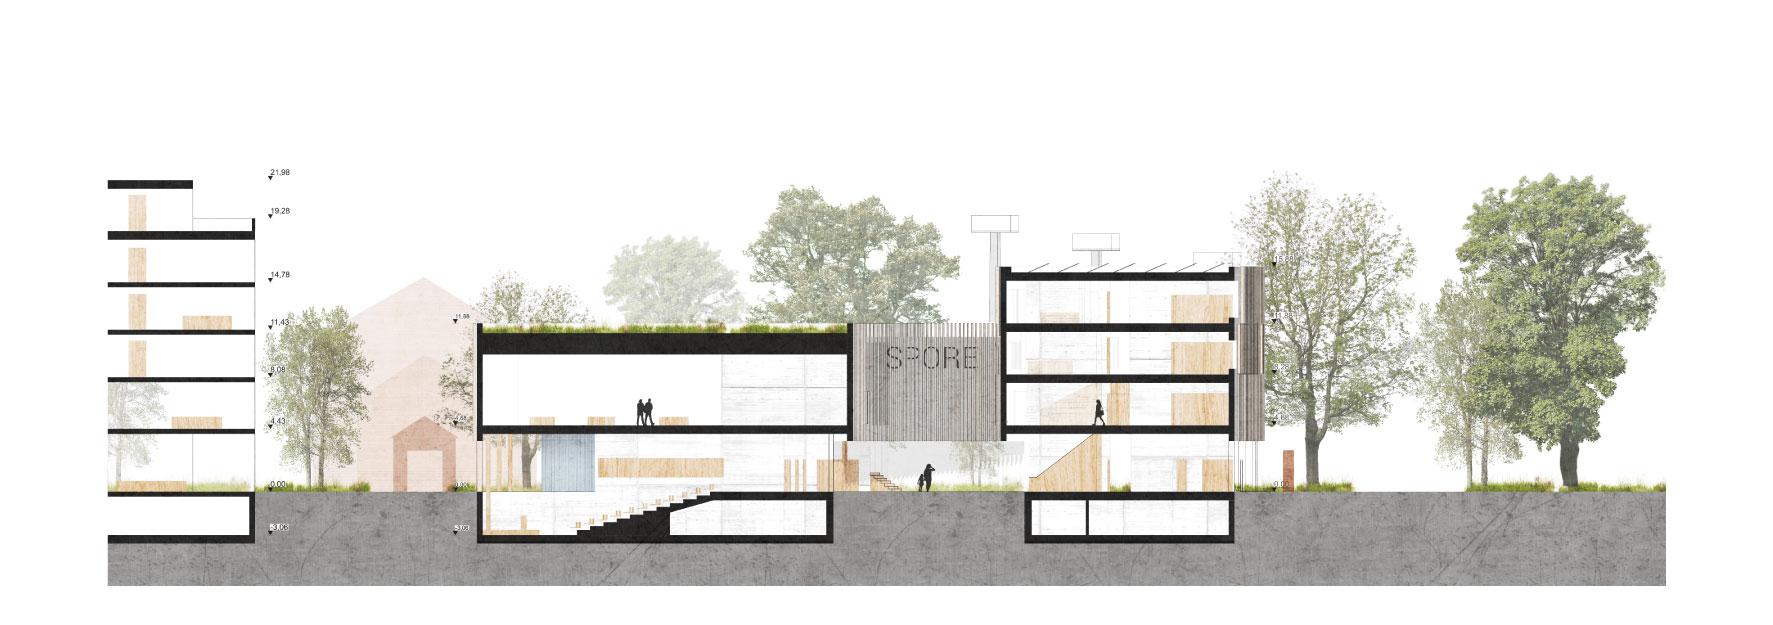 STUDIOKUBIK-KUBIK-architektur-architecture-berlin-SPORE_Initiative_haus des gemeinnuetzigen journalismus_sc2